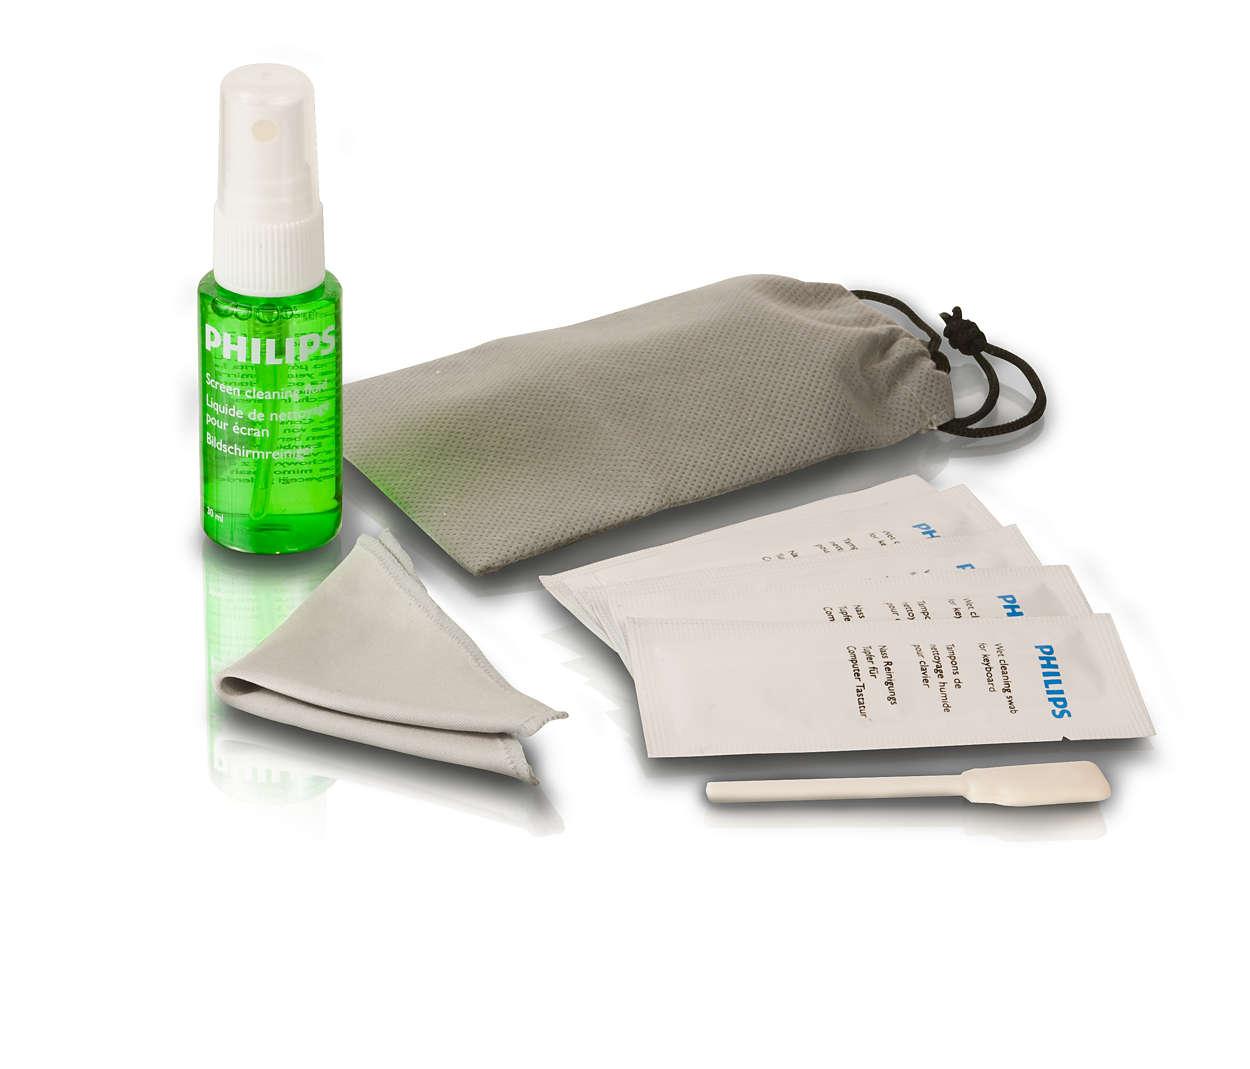 Limpieza segura de pantallas para portátiles/dispositivos móviles